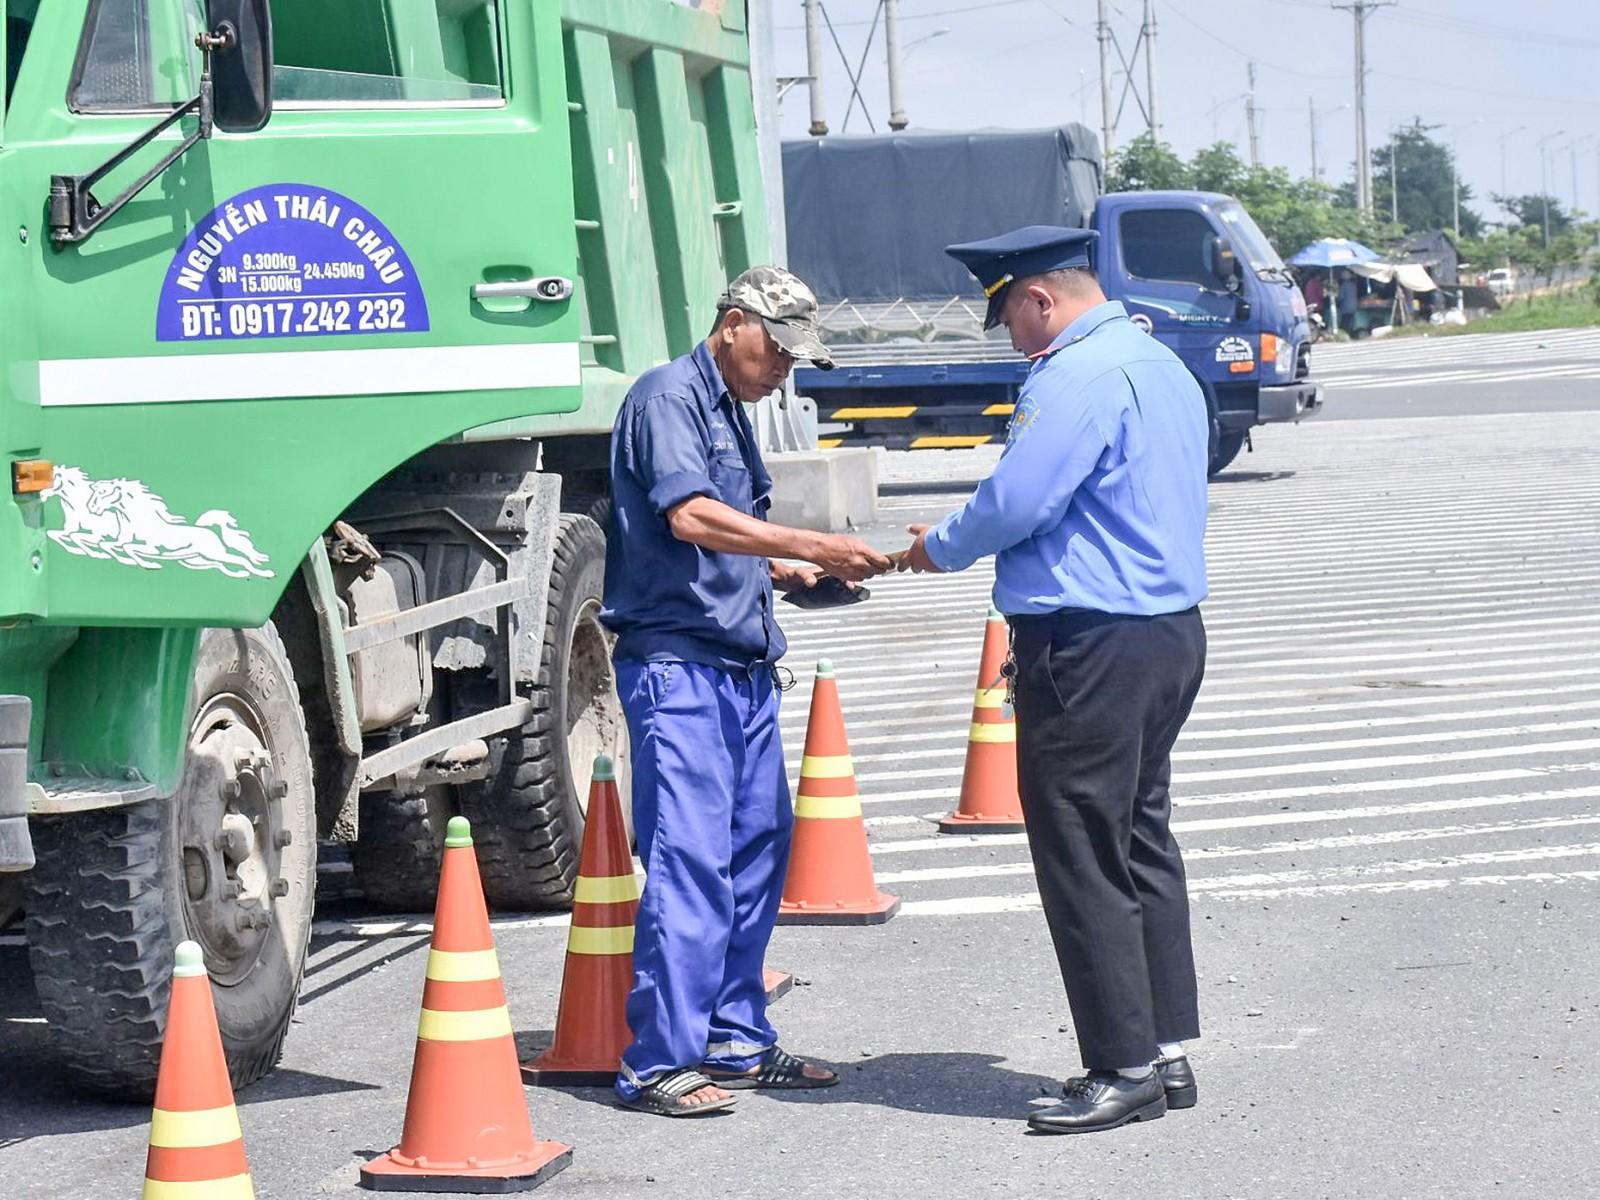 Thanh tra Sở GTVT TP Cần Thơ kiểm soát tải trọng xe đối với phương tiện xe ô tô tải lưu thông trên tuyến quốc lộ Nam sông Hậu.